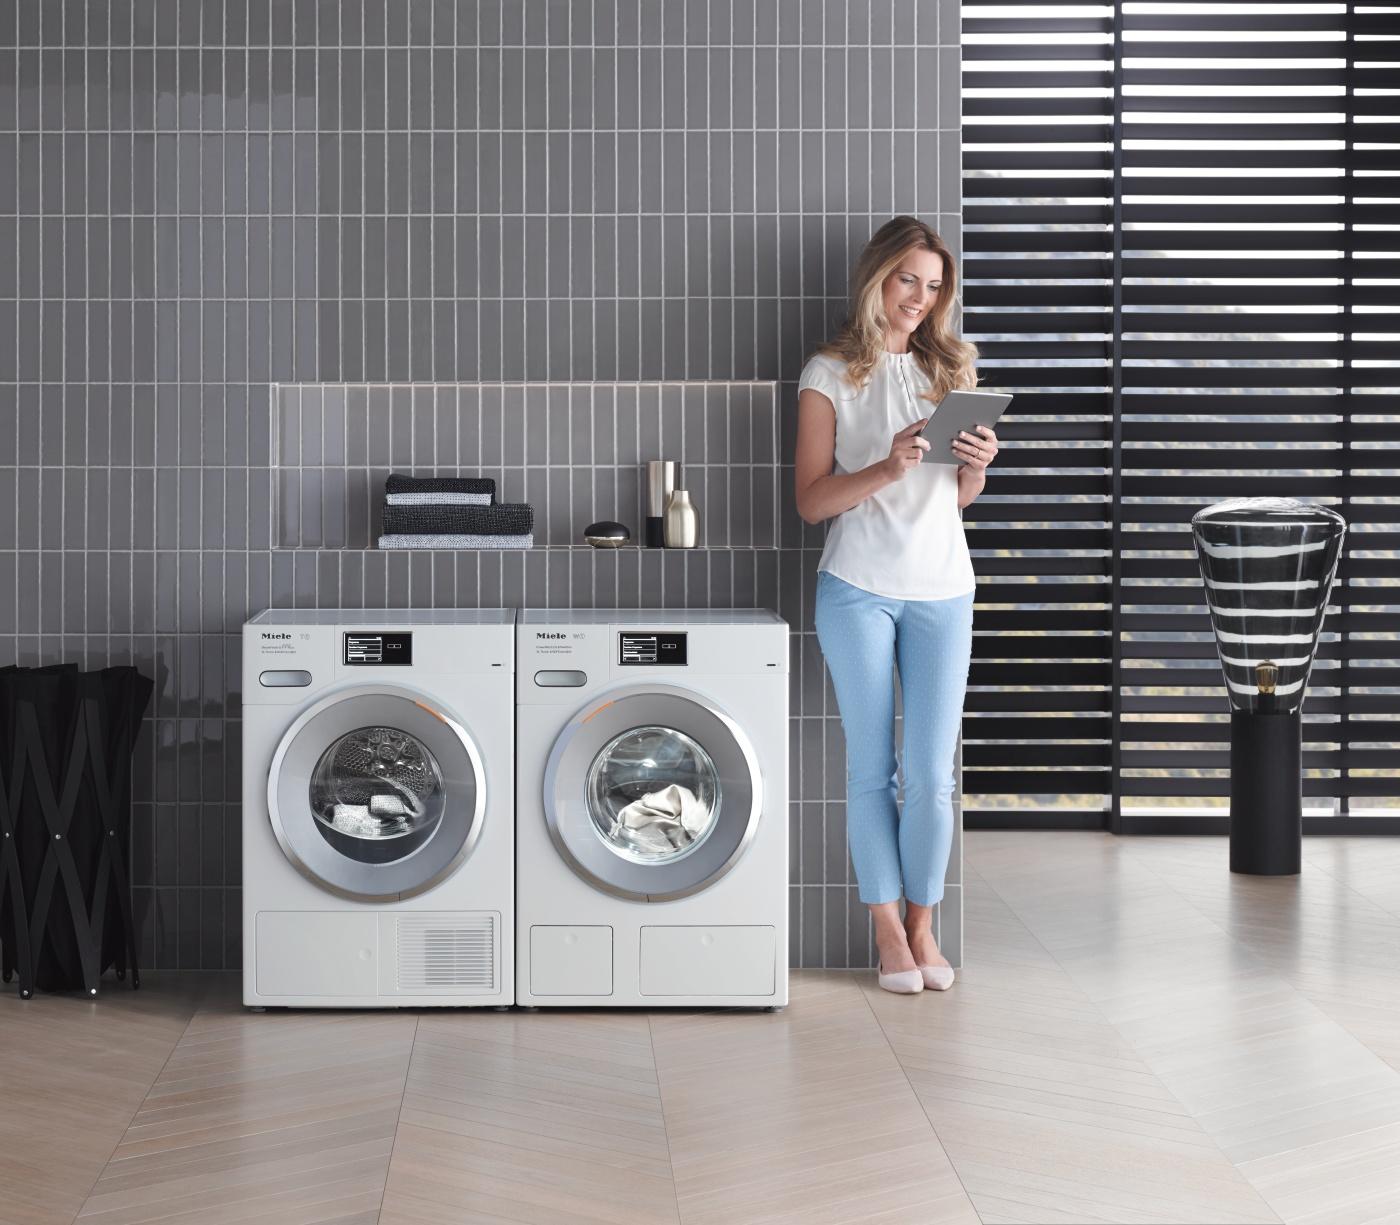 Miele Waschmaschinen und Trockner gibt es bei Hausgeräte Wollersheim in Kaiserslautern!